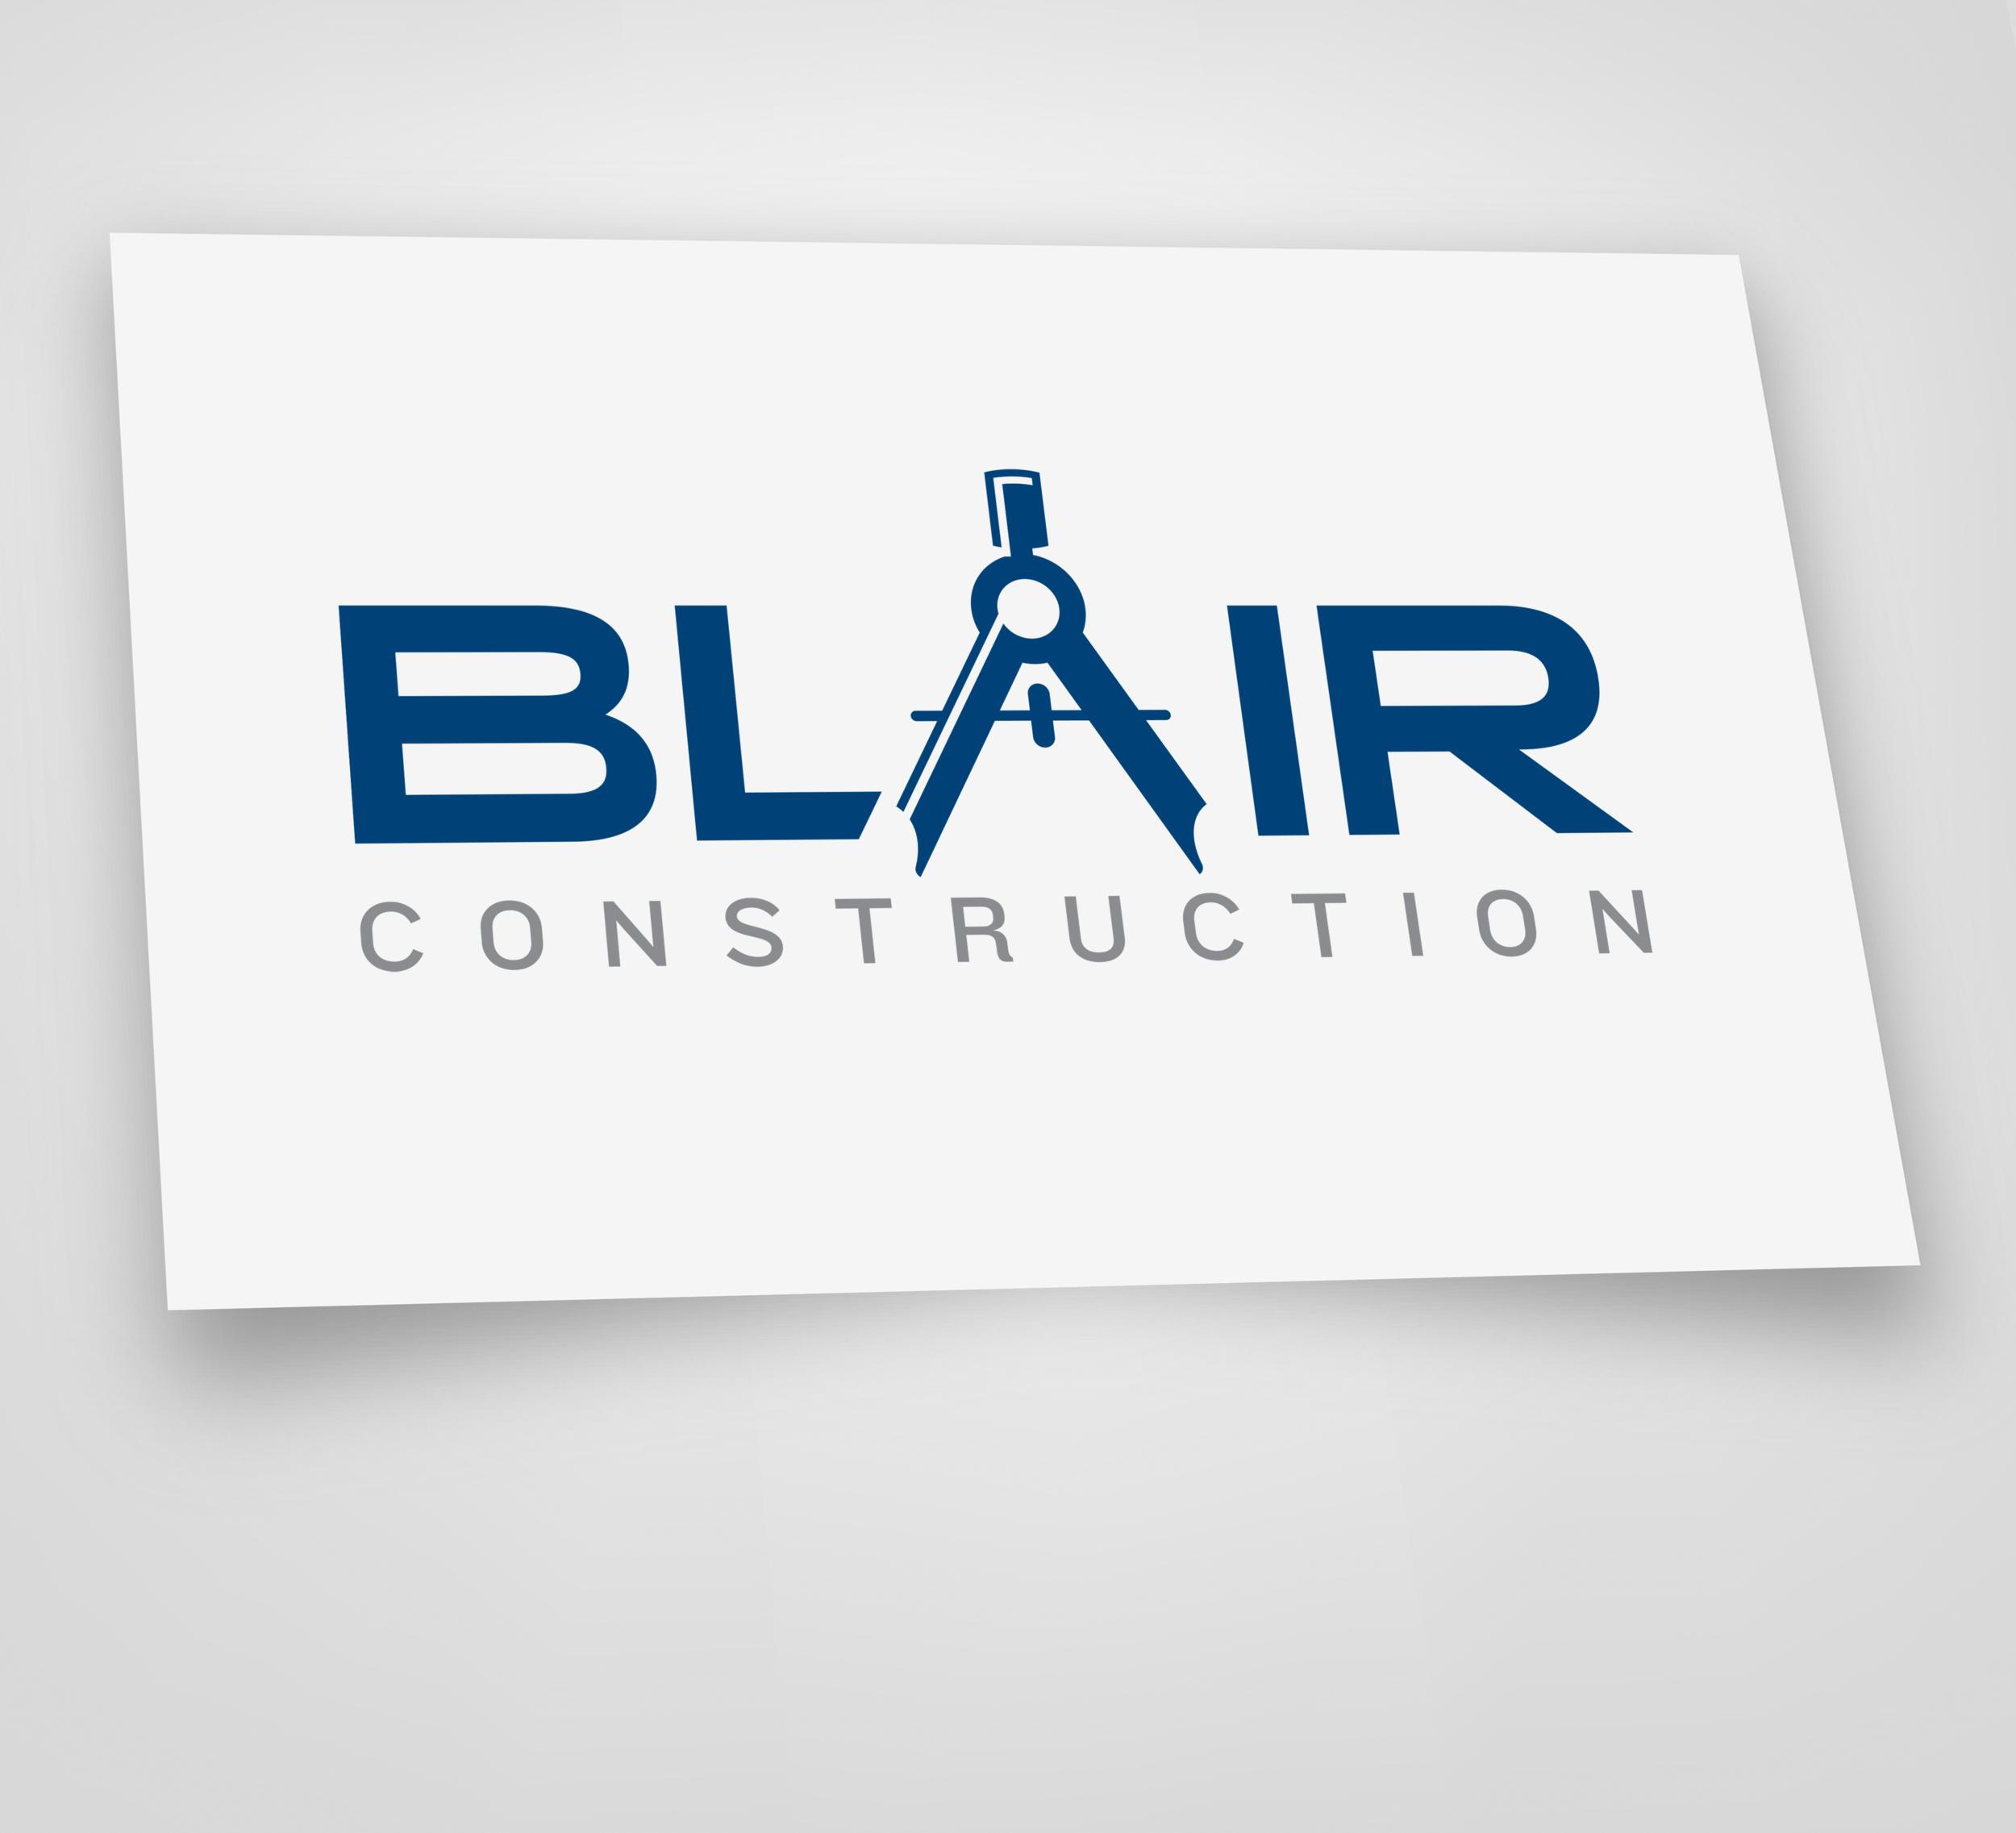 Logo Design for Blair Construction